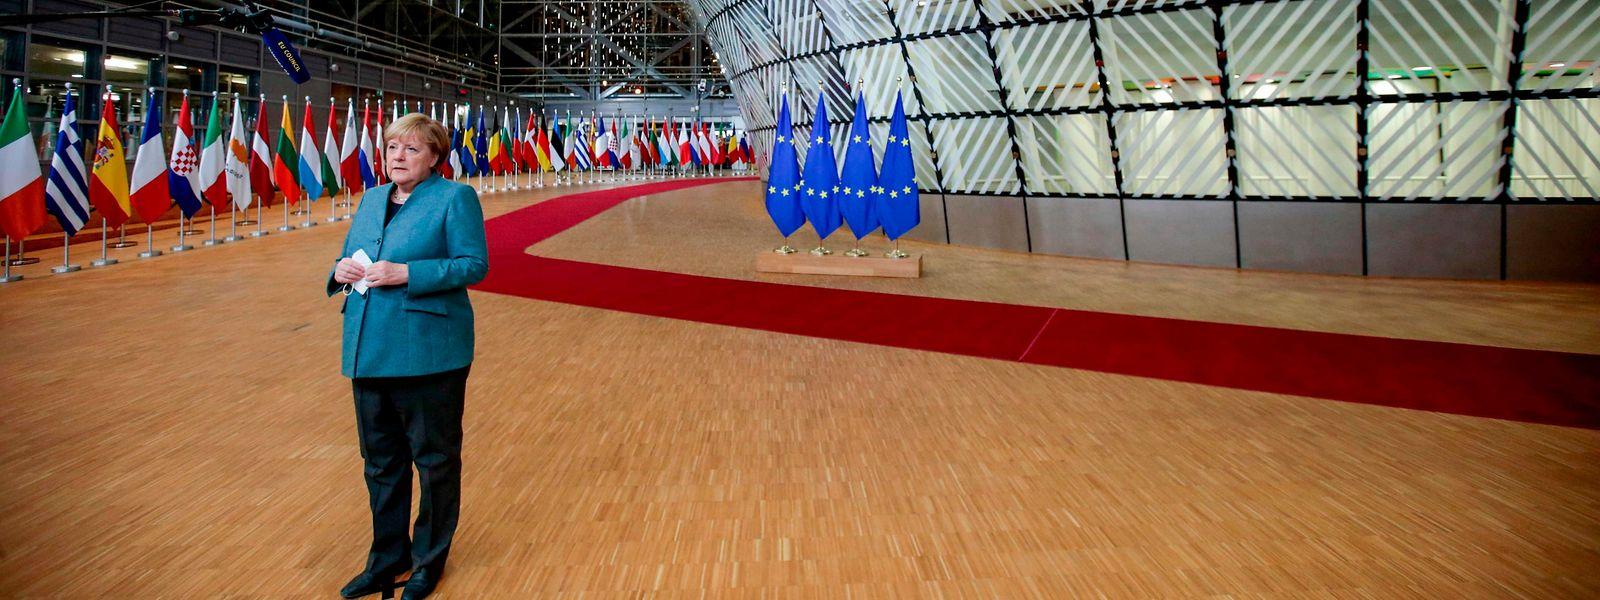 Face à la menace d'un «no deal», la chancelière allemande Angela Merkel a déclaré: «Nous avons demandé au Royaume-Uni de rester ouvert aux compromis»